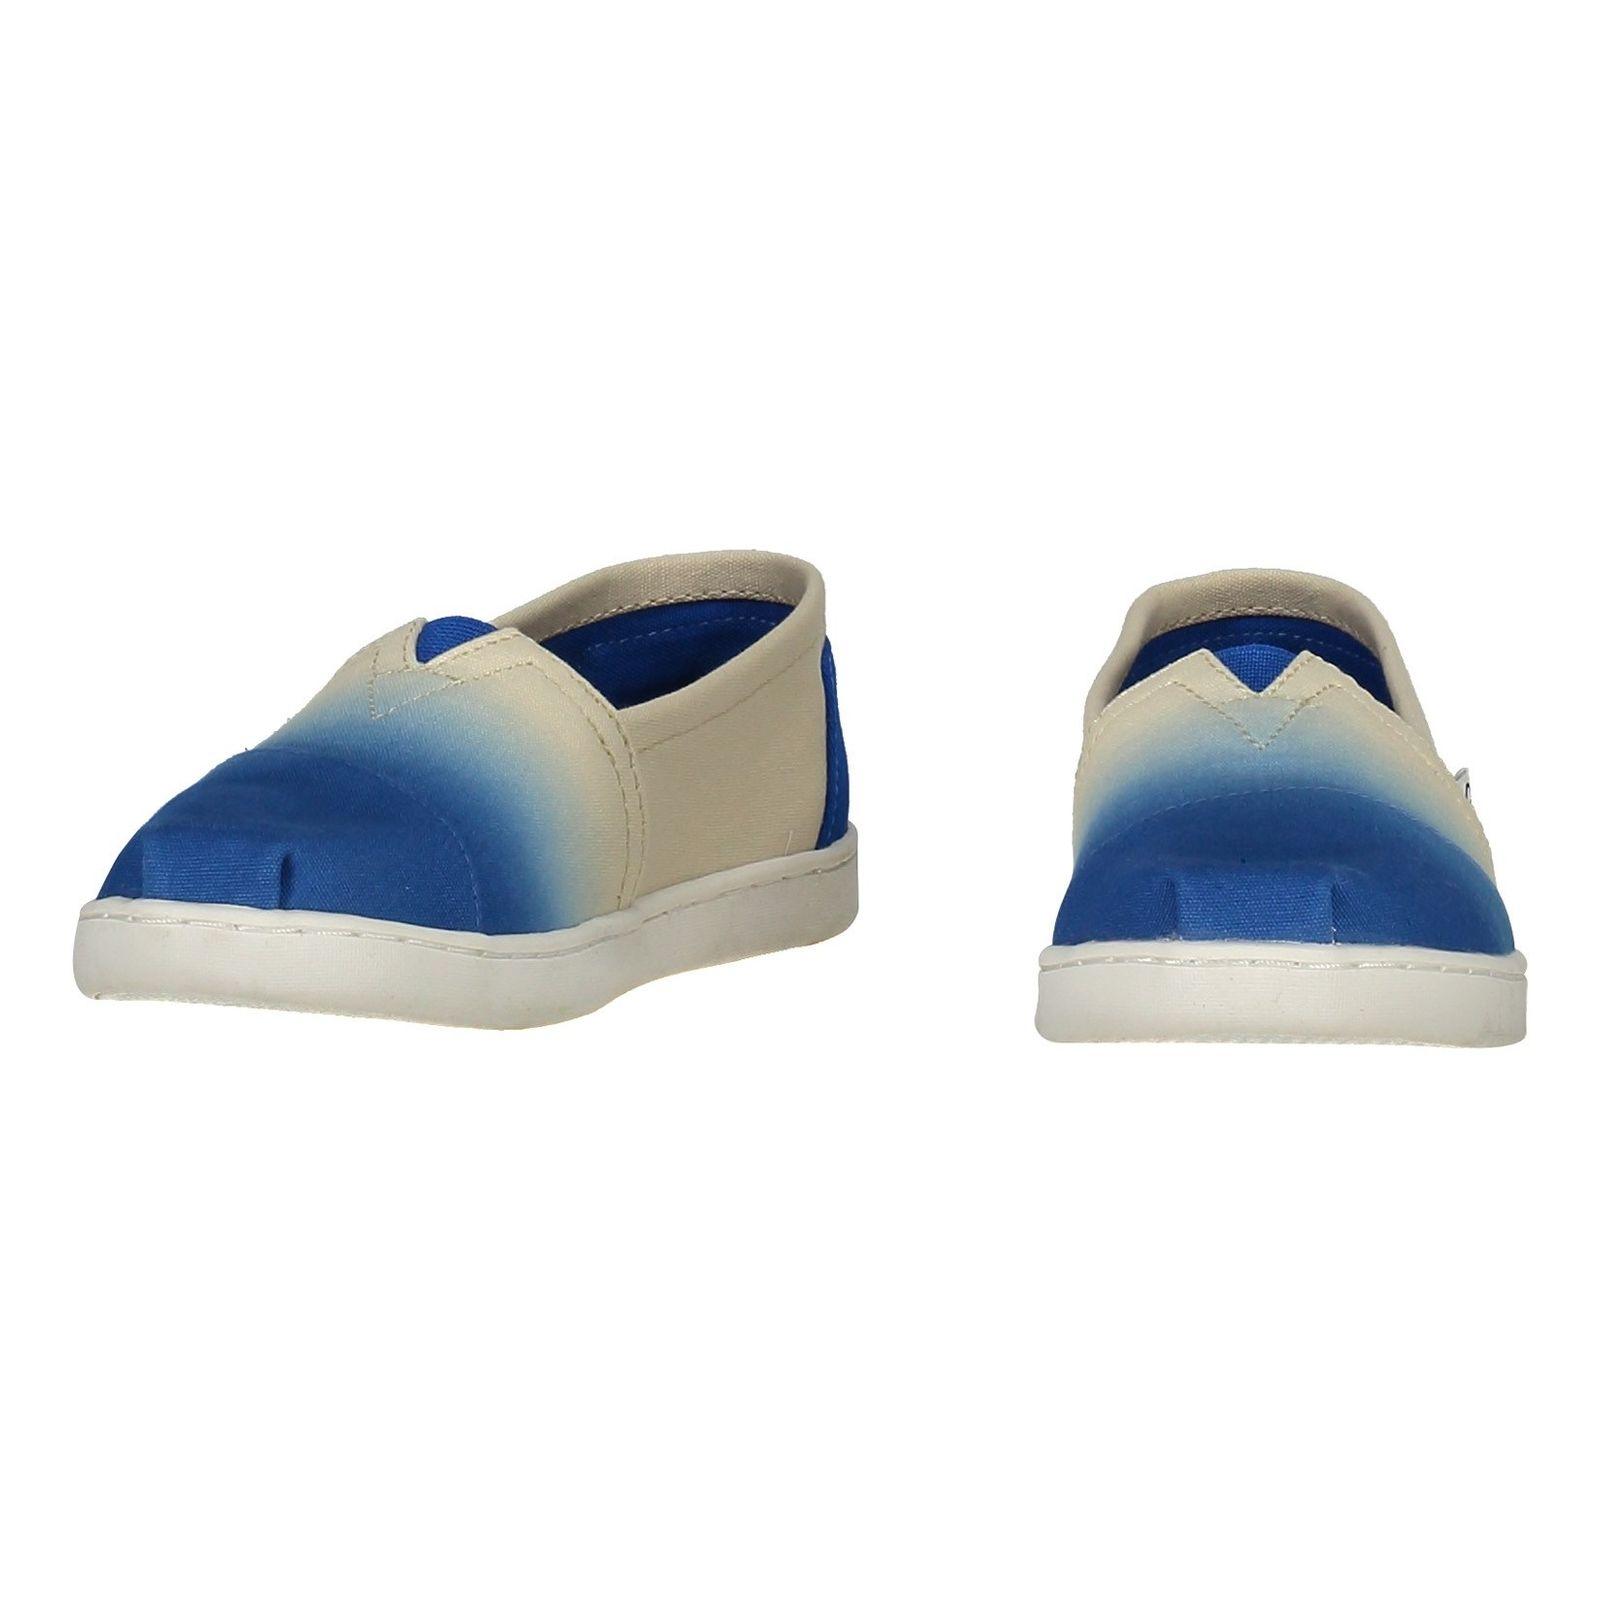 کفش راحتی نخی بچگانه - تامز - سفيد آبي - 4